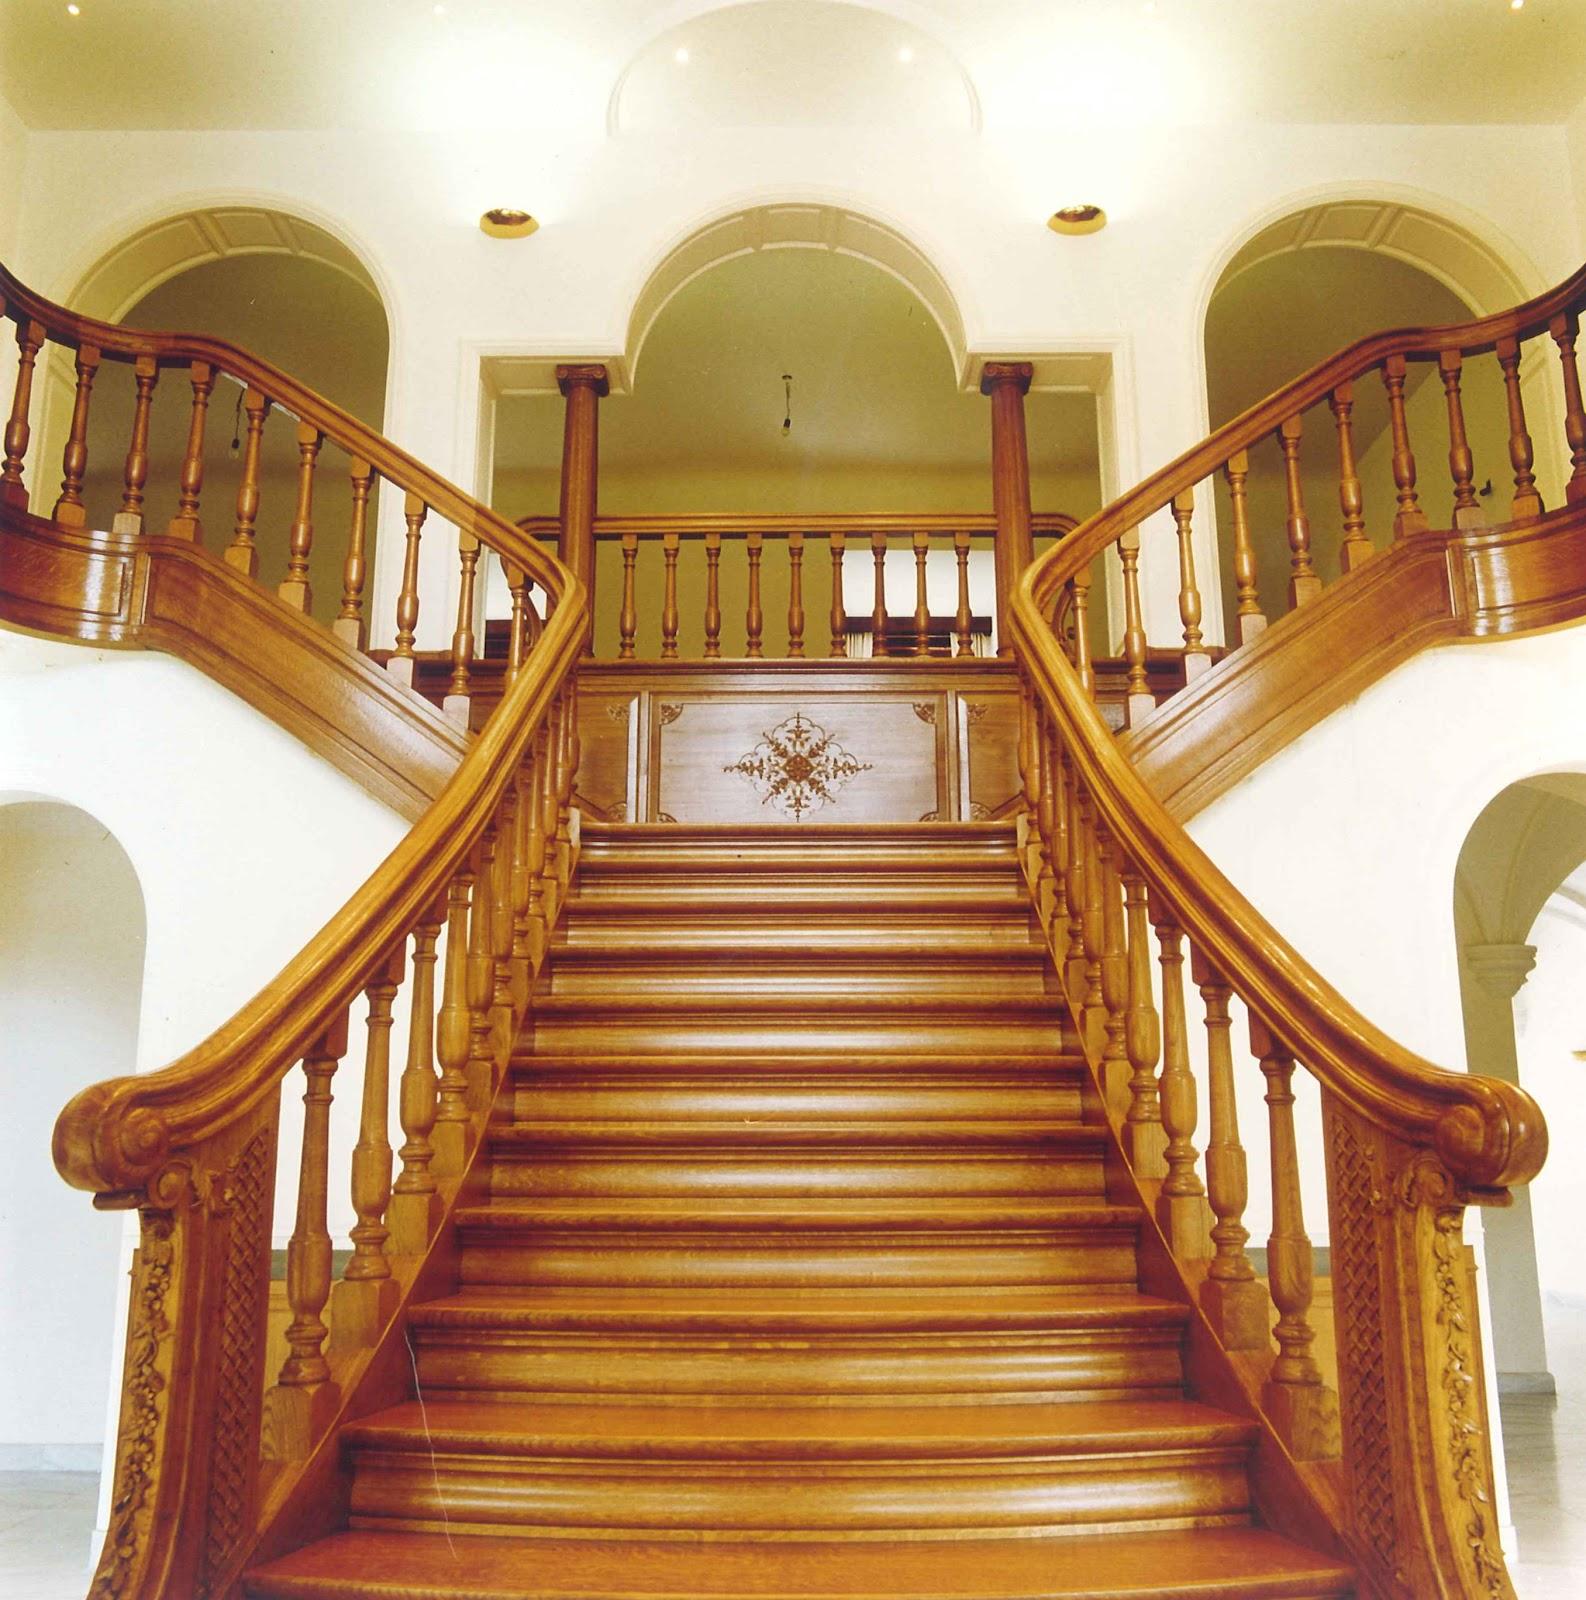 sculpture ornementale patrick damiaens d part d 39 escalier balustre d escalier sculpture sur. Black Bedroom Furniture Sets. Home Design Ideas